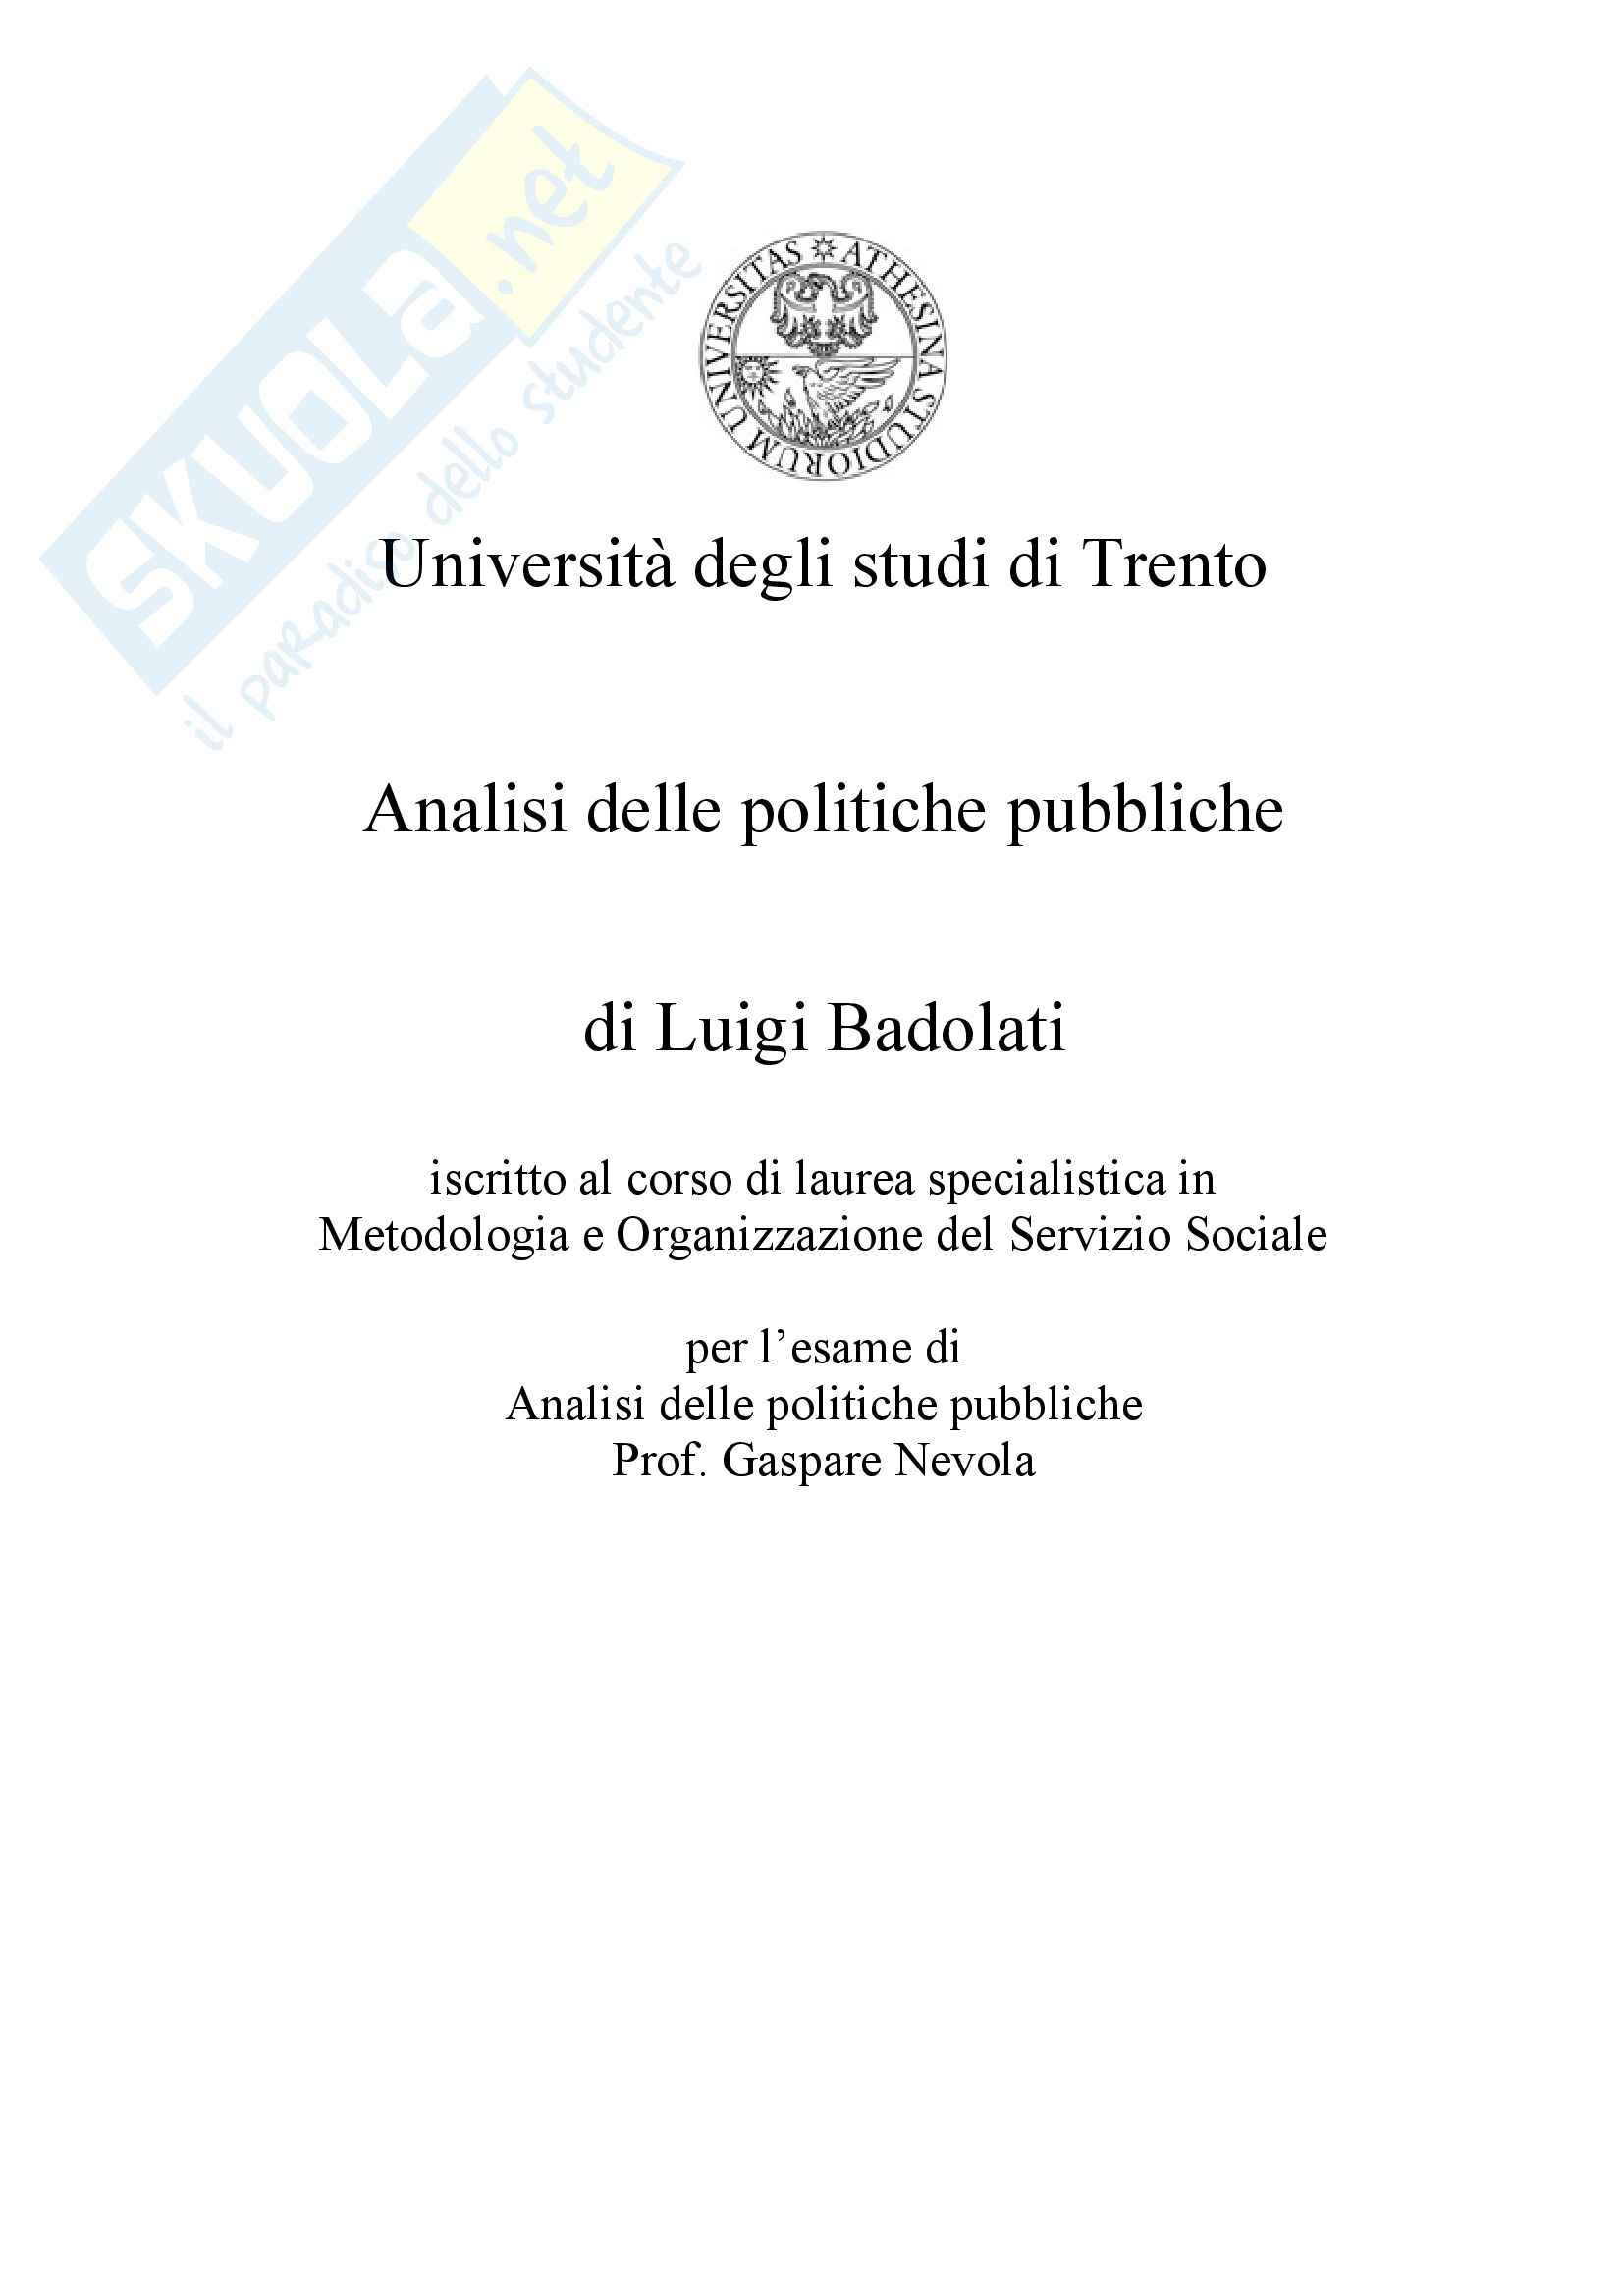 Analisi delle politiche pubbliche - il ciclo delle politiche pubbliche